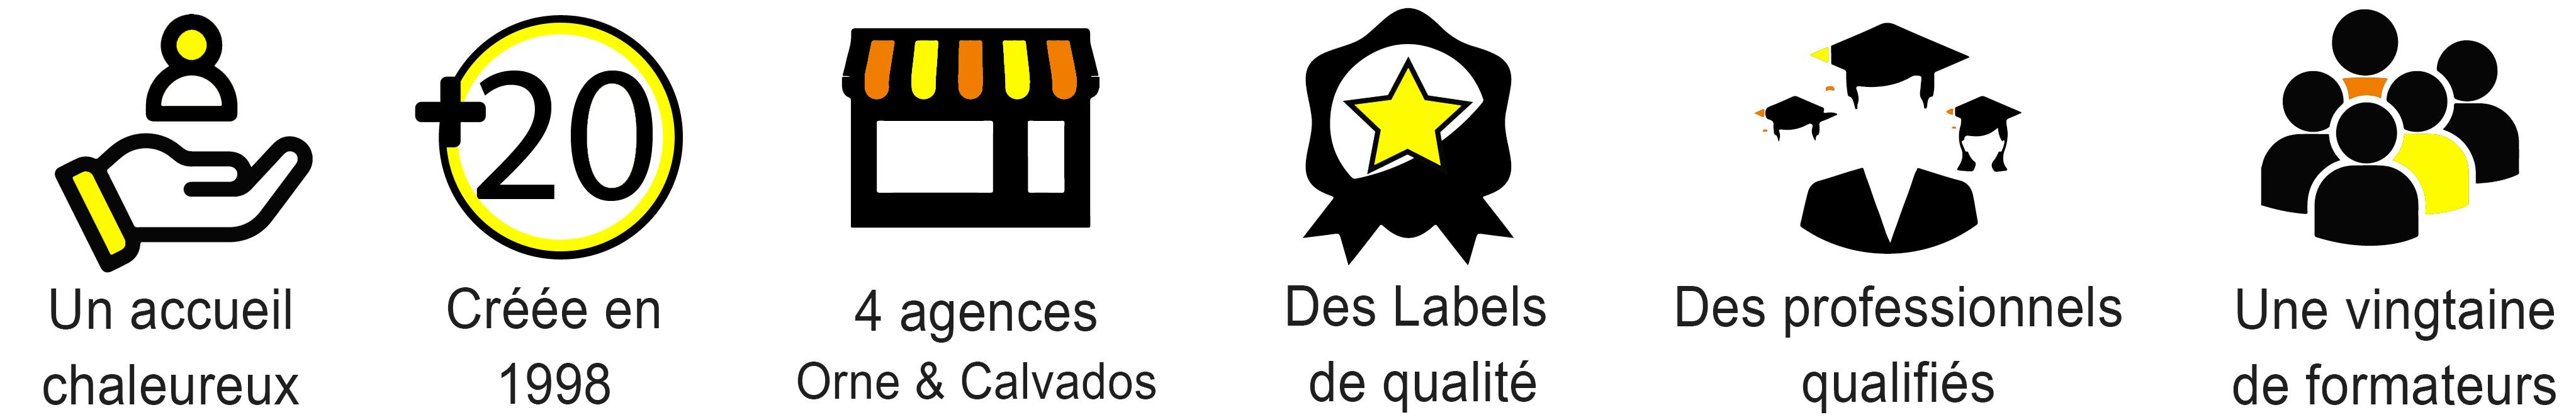 Un accueil chaleureux, 5 agences, des labels de qualité, des formateurs qualifiés